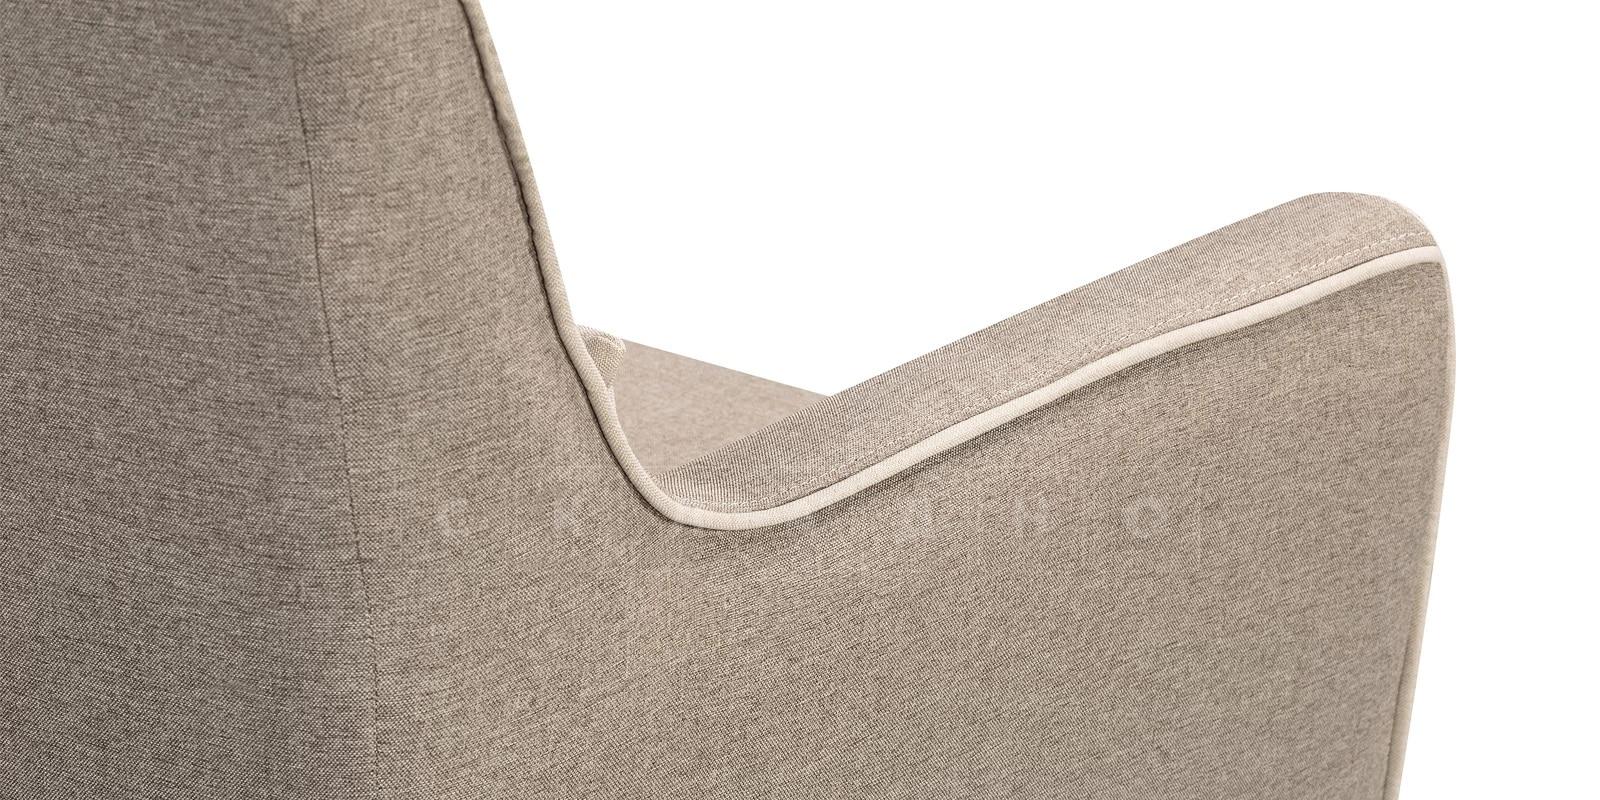 Кресло Флэтфорд рогожка серая фото 4 | интернет-магазин Складно